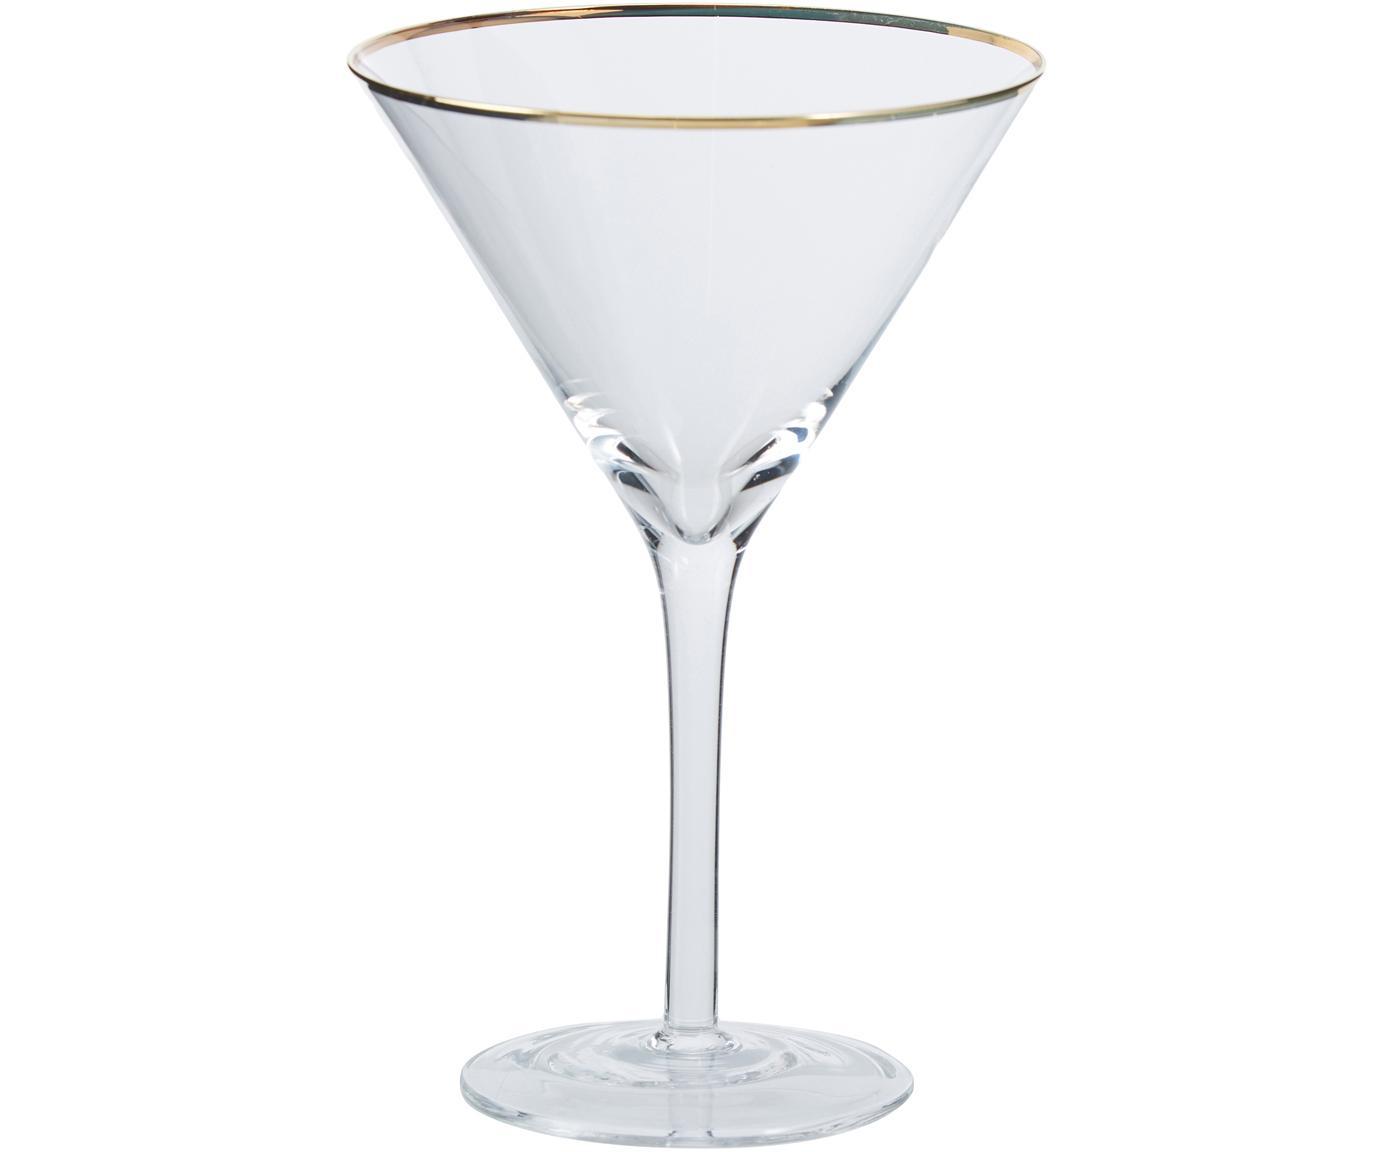 Kieliszek do martini Chloe, 4 elem., Szkło, Transparentny, Ø 12 x W 19 cm